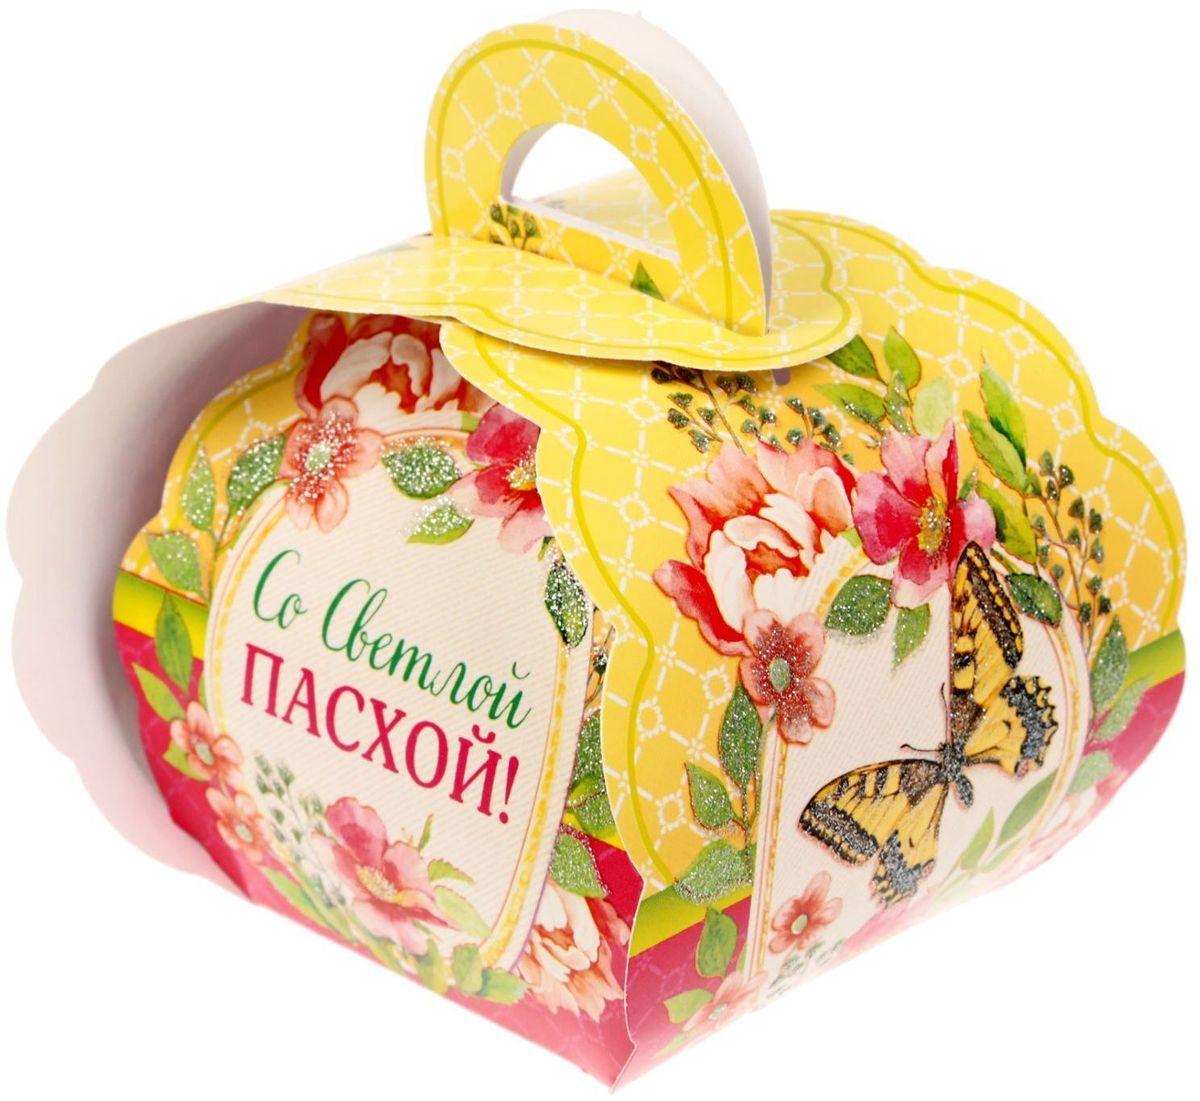 Коробочка подарочная для яйца Со Светлой Пасхой! акварель. 17616131761613Коробочка подарочная для яйца — новое веяние в мире подарочной упаковки. Представьте, как здорово будет преподнести родным и близким подарки в таком оформлении. Душевный дизайн в народном стиле и пасхальные символы никого не оставят равнодушным. Коробочка надёжна и легка в использовании. Согните её по линиям и положите внутрь заготовленный презент. Благодаря удобной ручке изделие удобно переносить. Размер заготовки: 13,4 х 26,2 см.